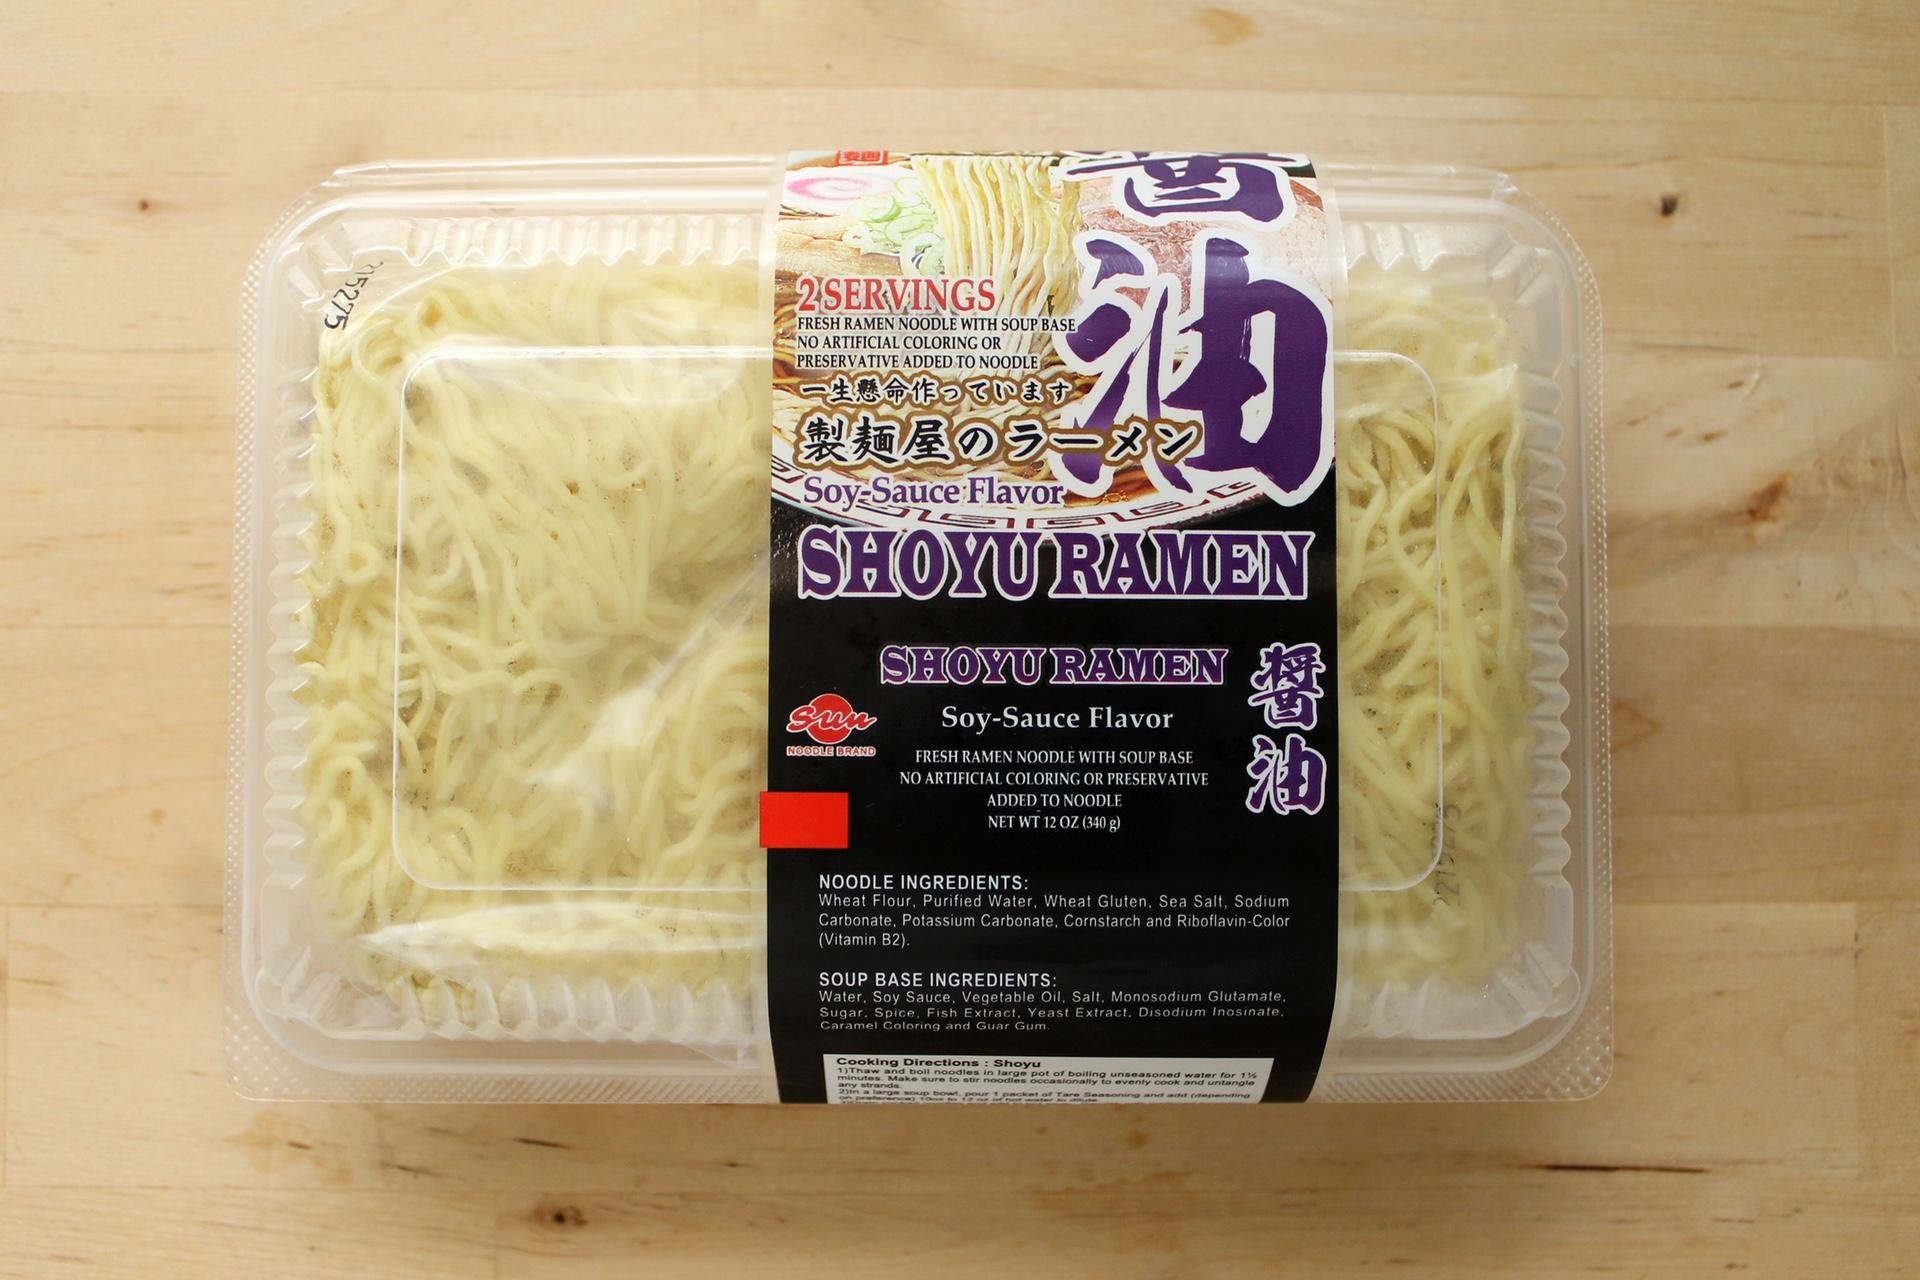 Sun Noodle's Shoyu ramen kit.